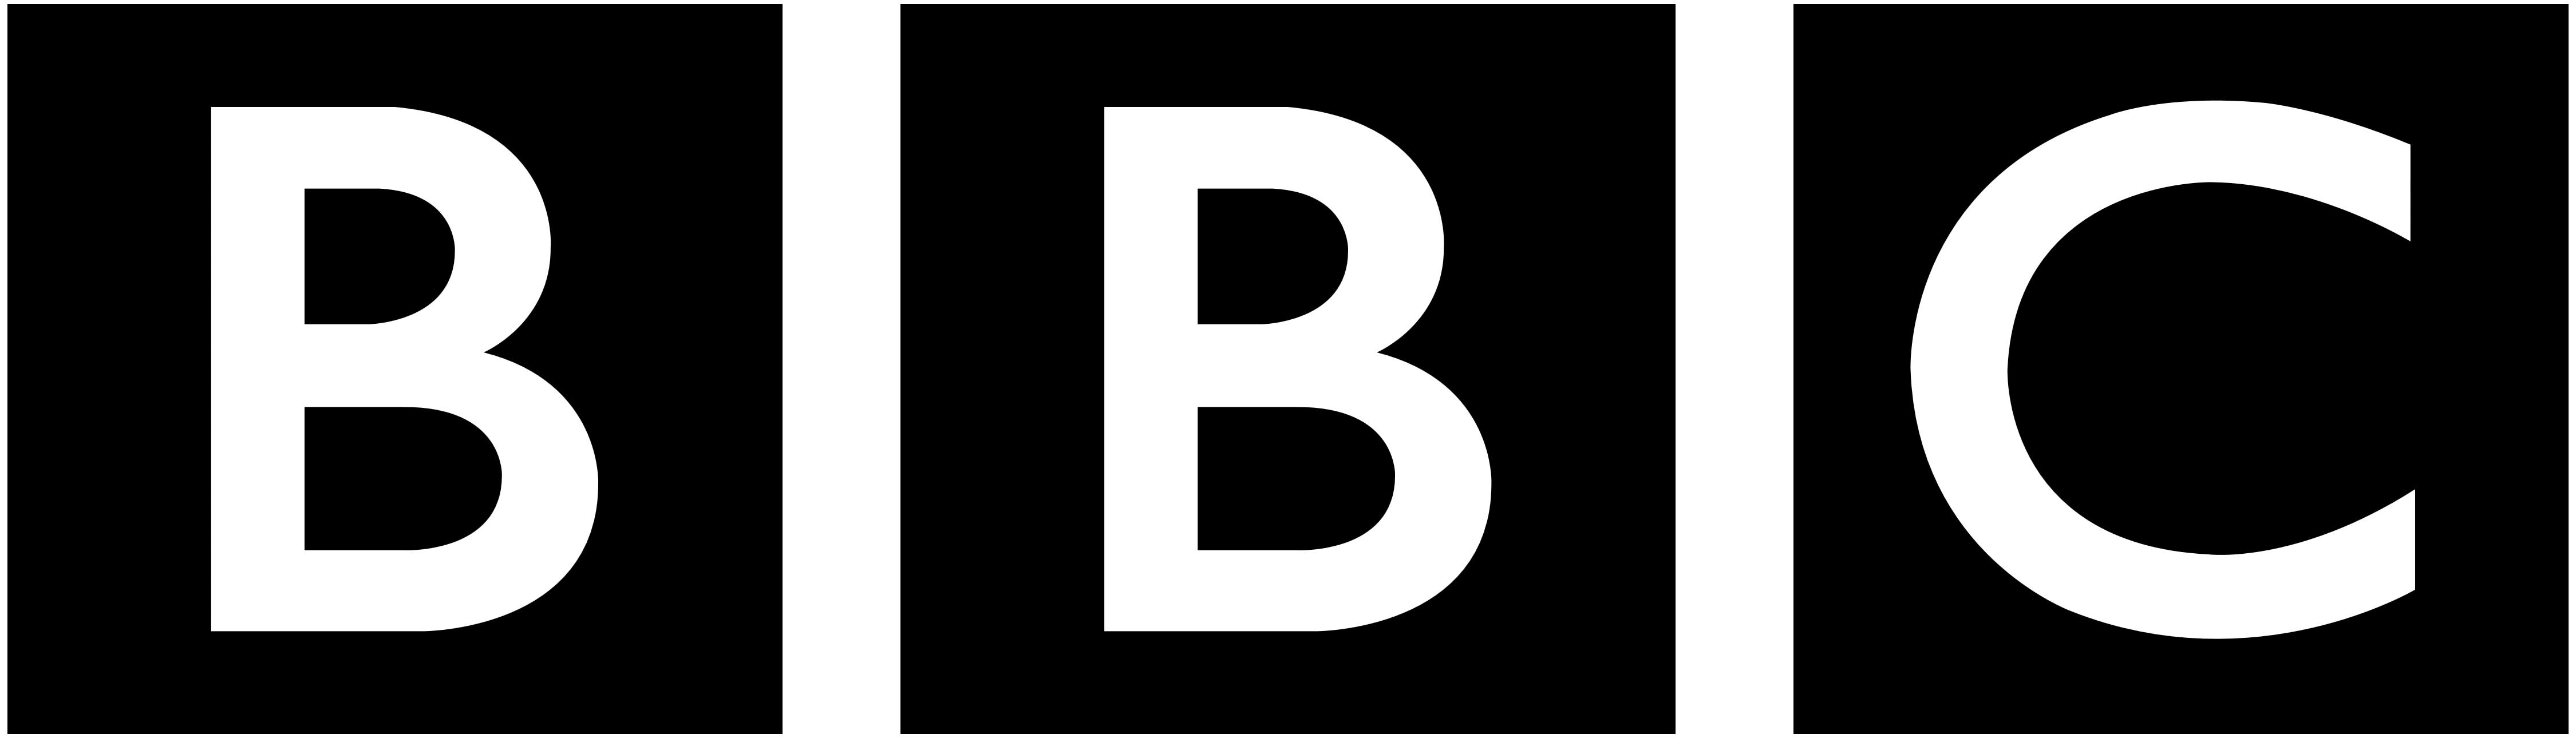 Bbc – Logos Download - Bbc Logo PNG